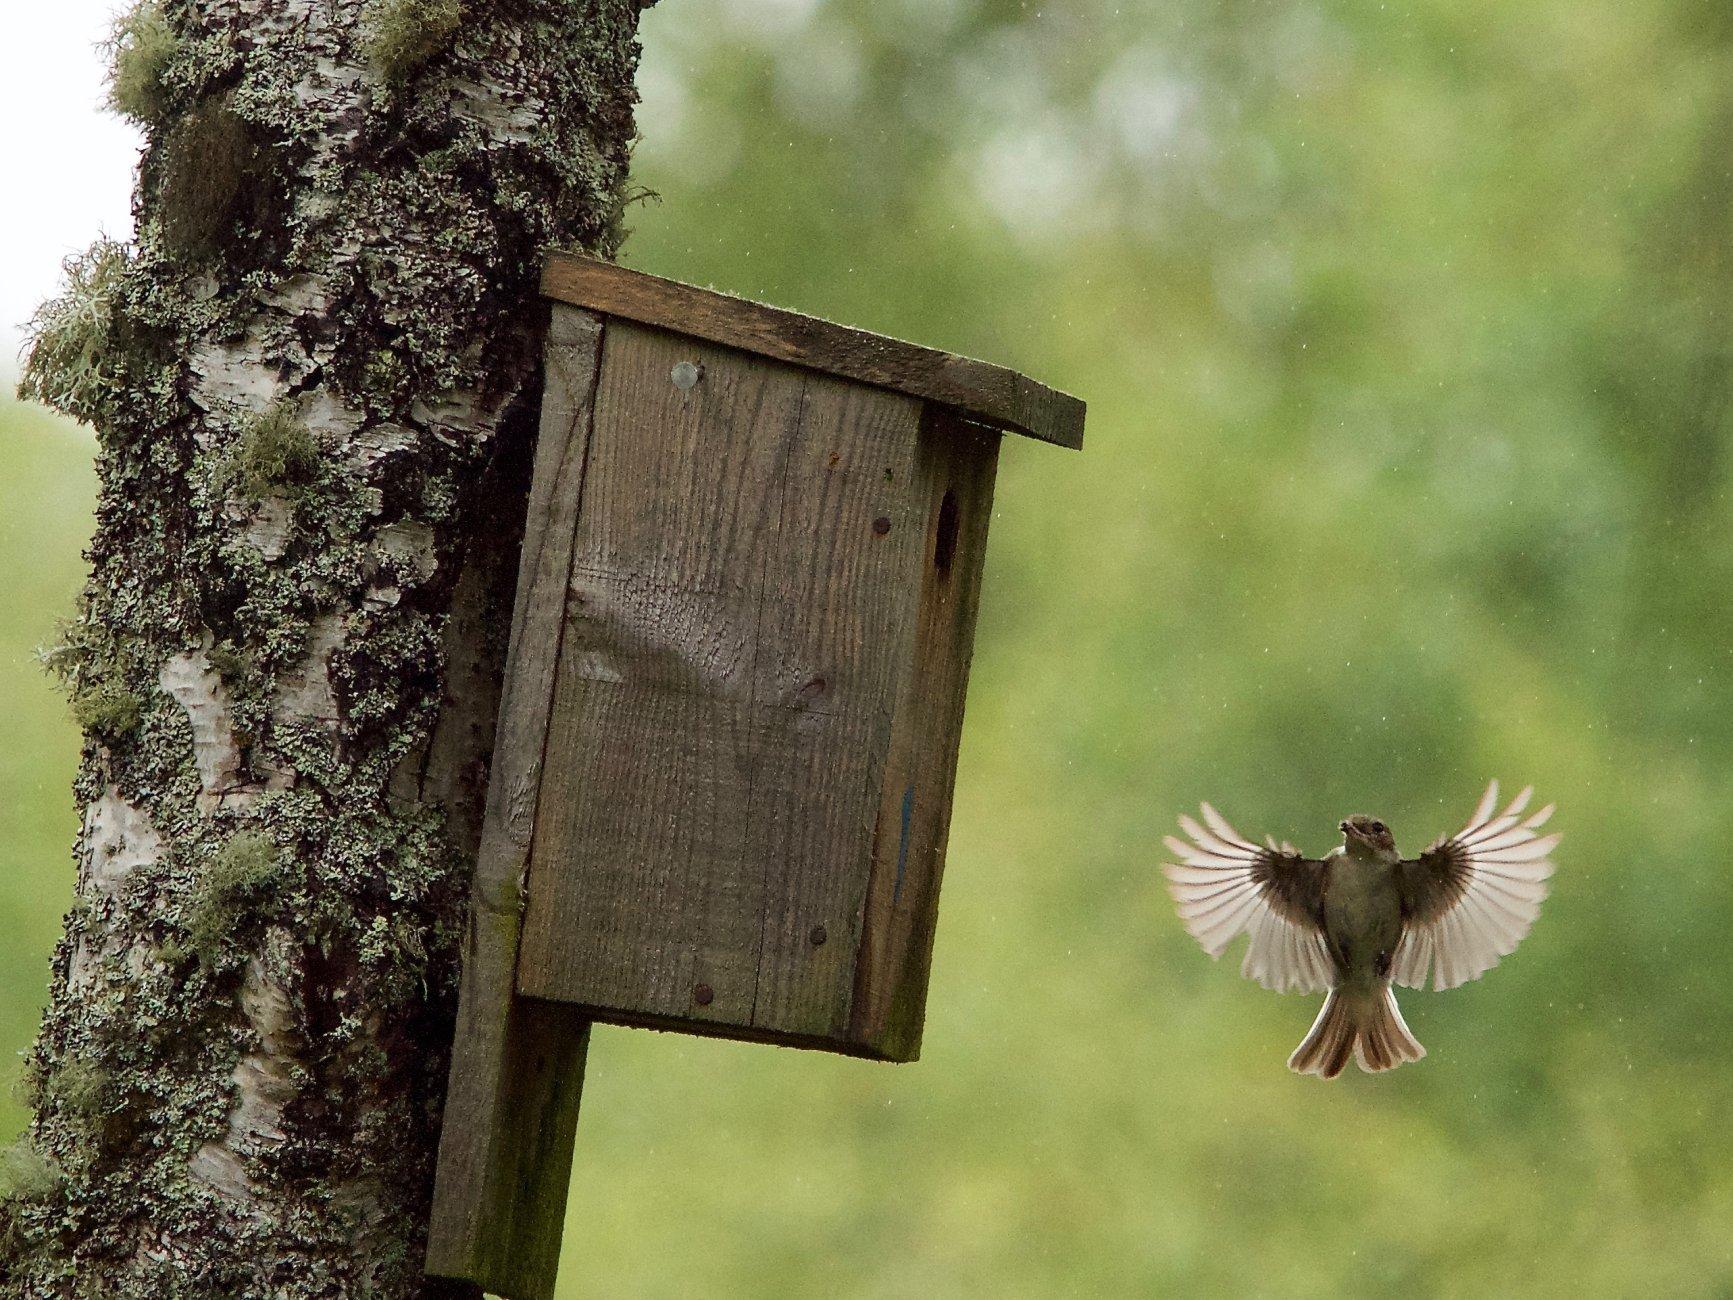 Pied flycatcher, Craigellachie birchwoods